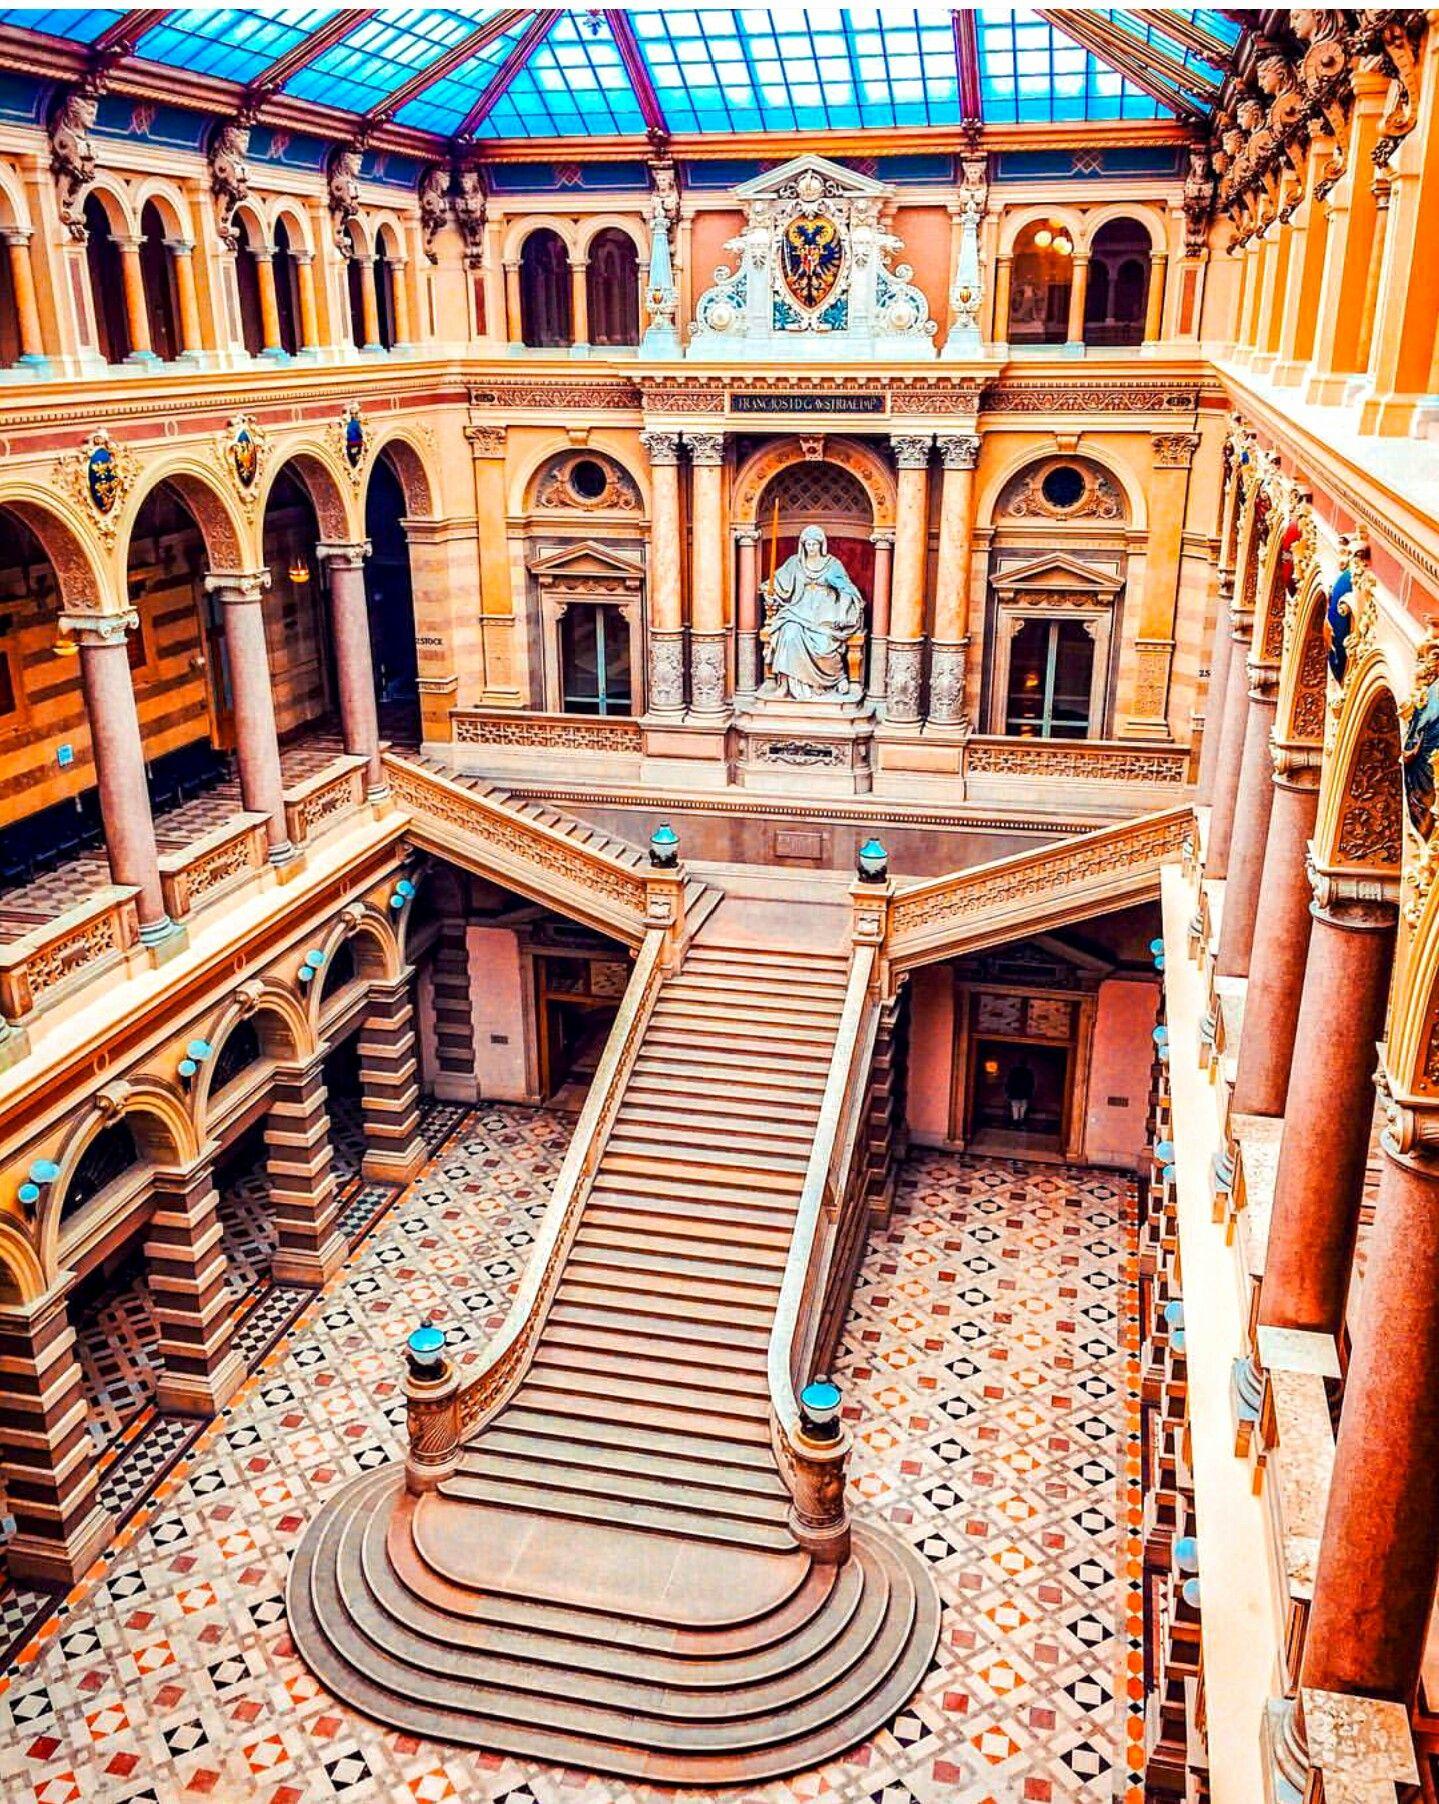 Justizpalast Vienna, Austria